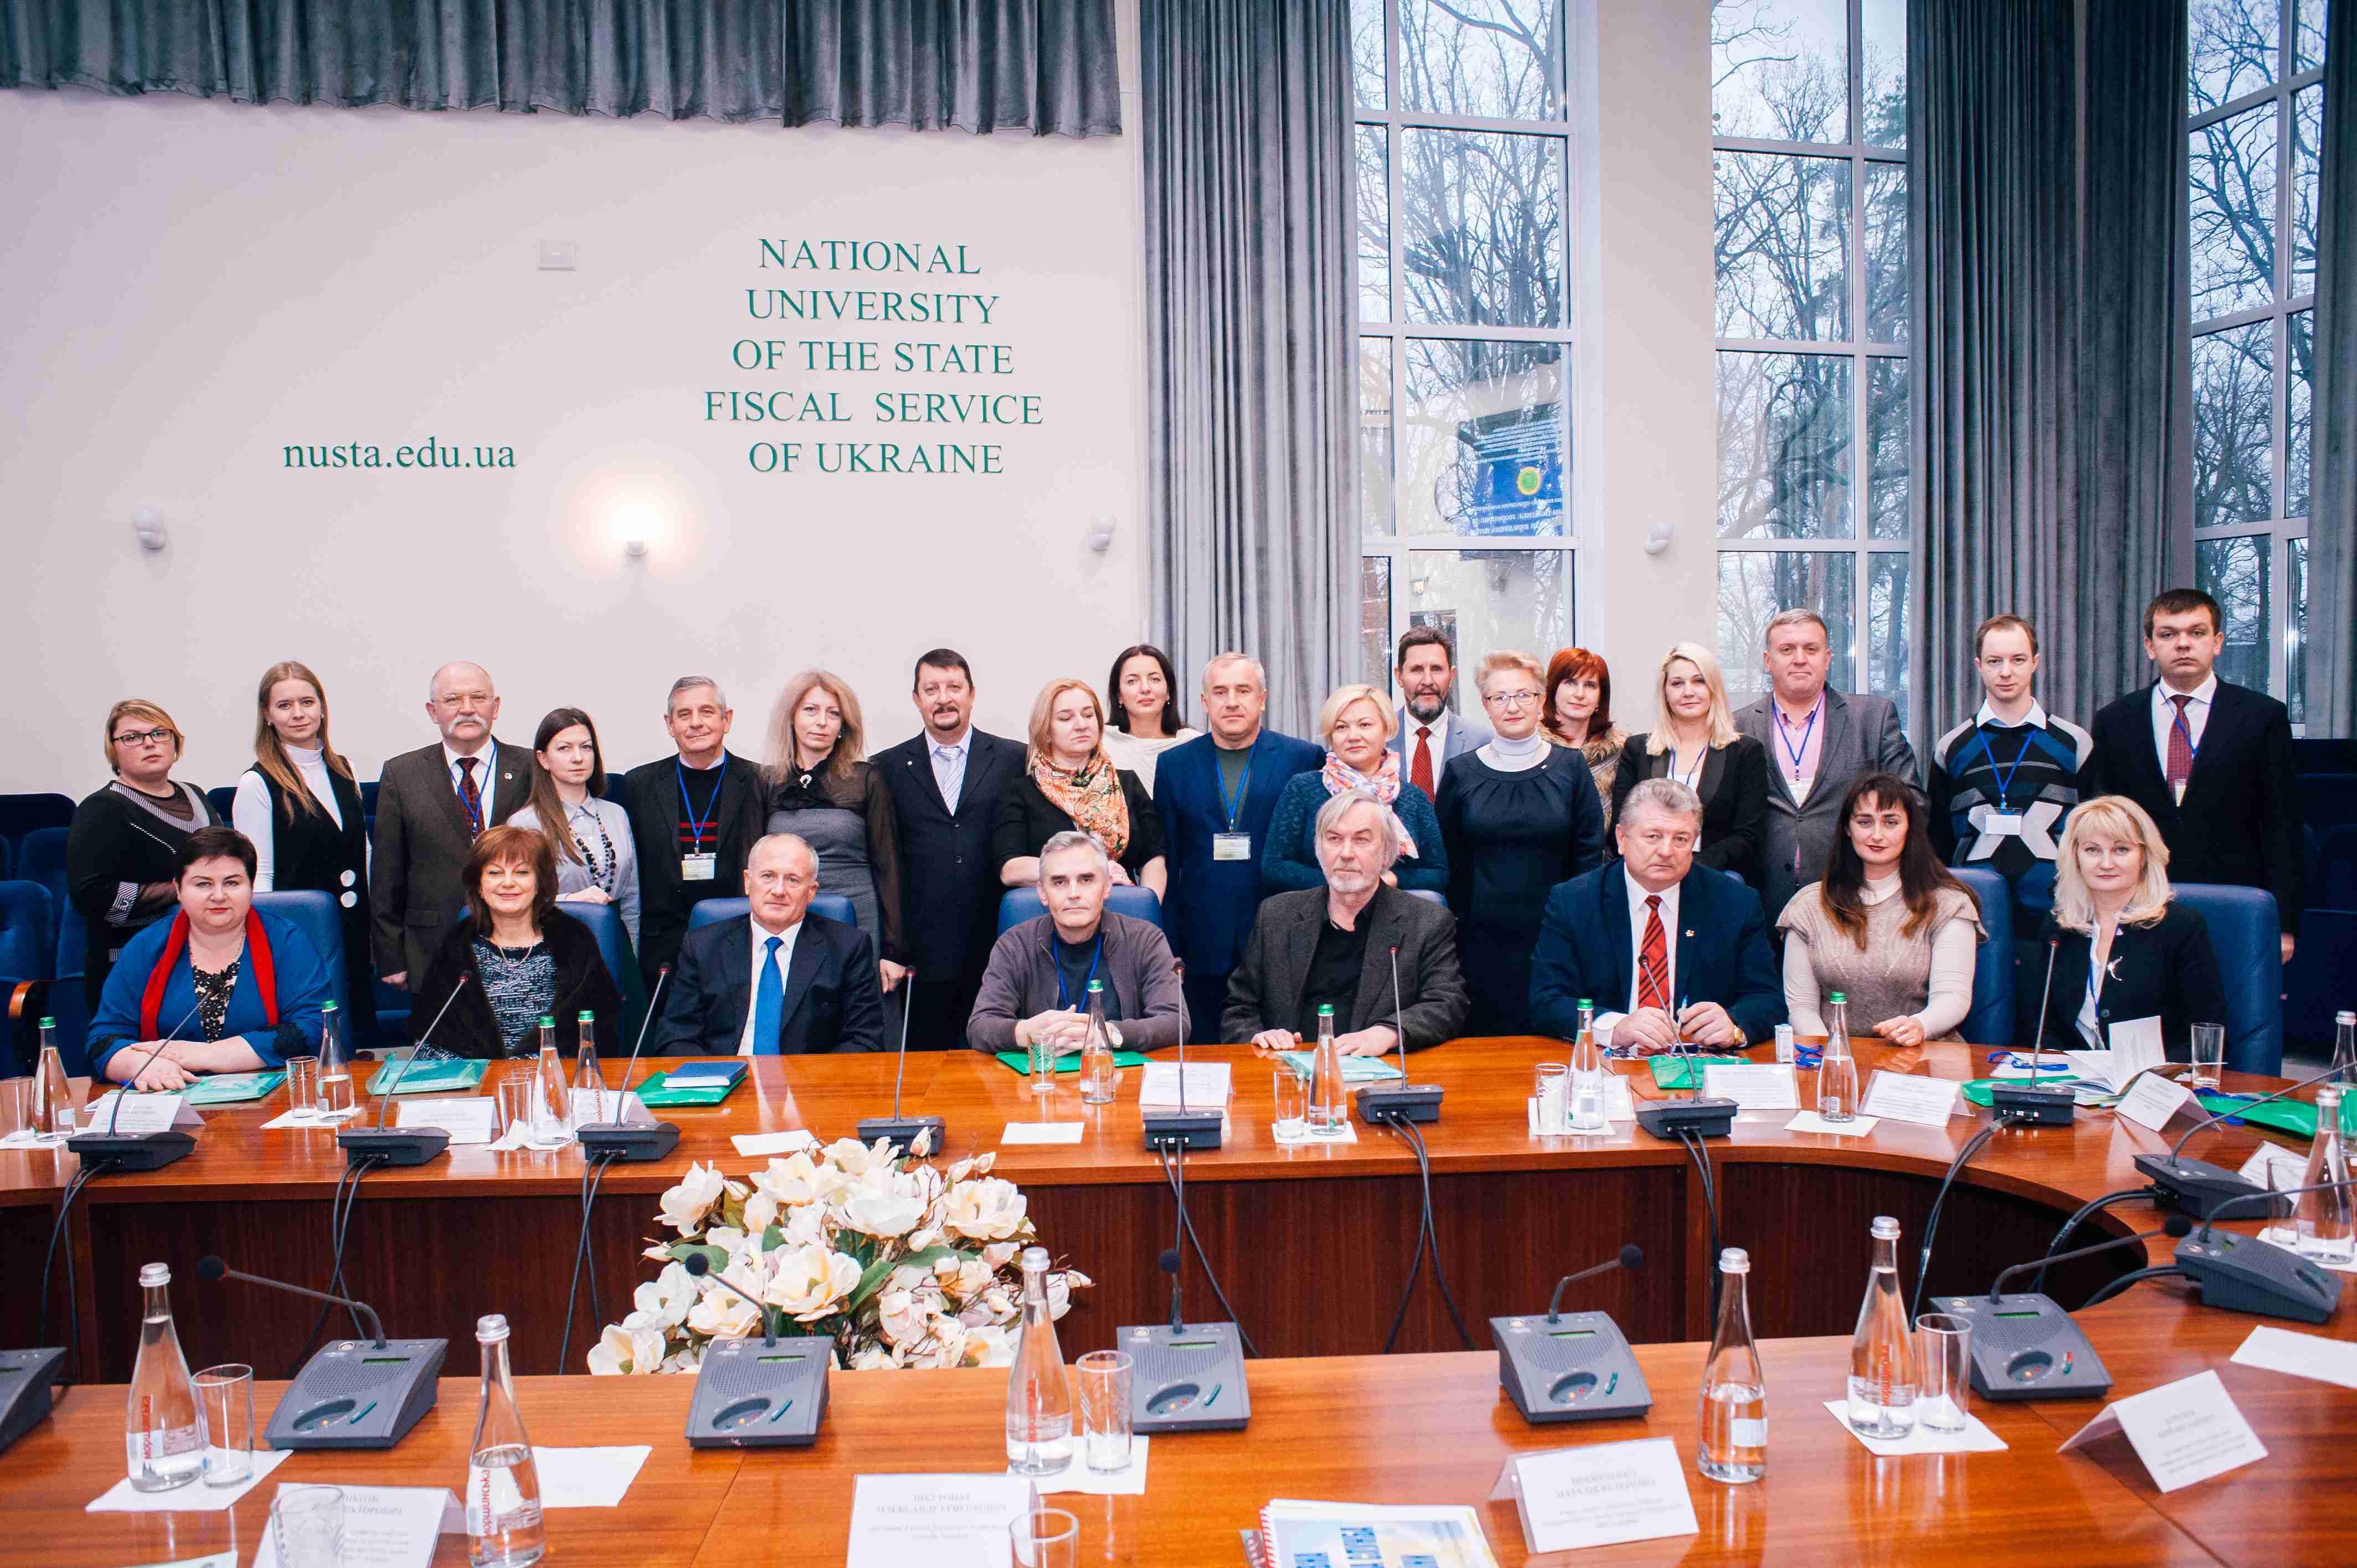 Відбулась конференція «Фіскальна політика: теоретичні та практичні аспекти юридичної науки»